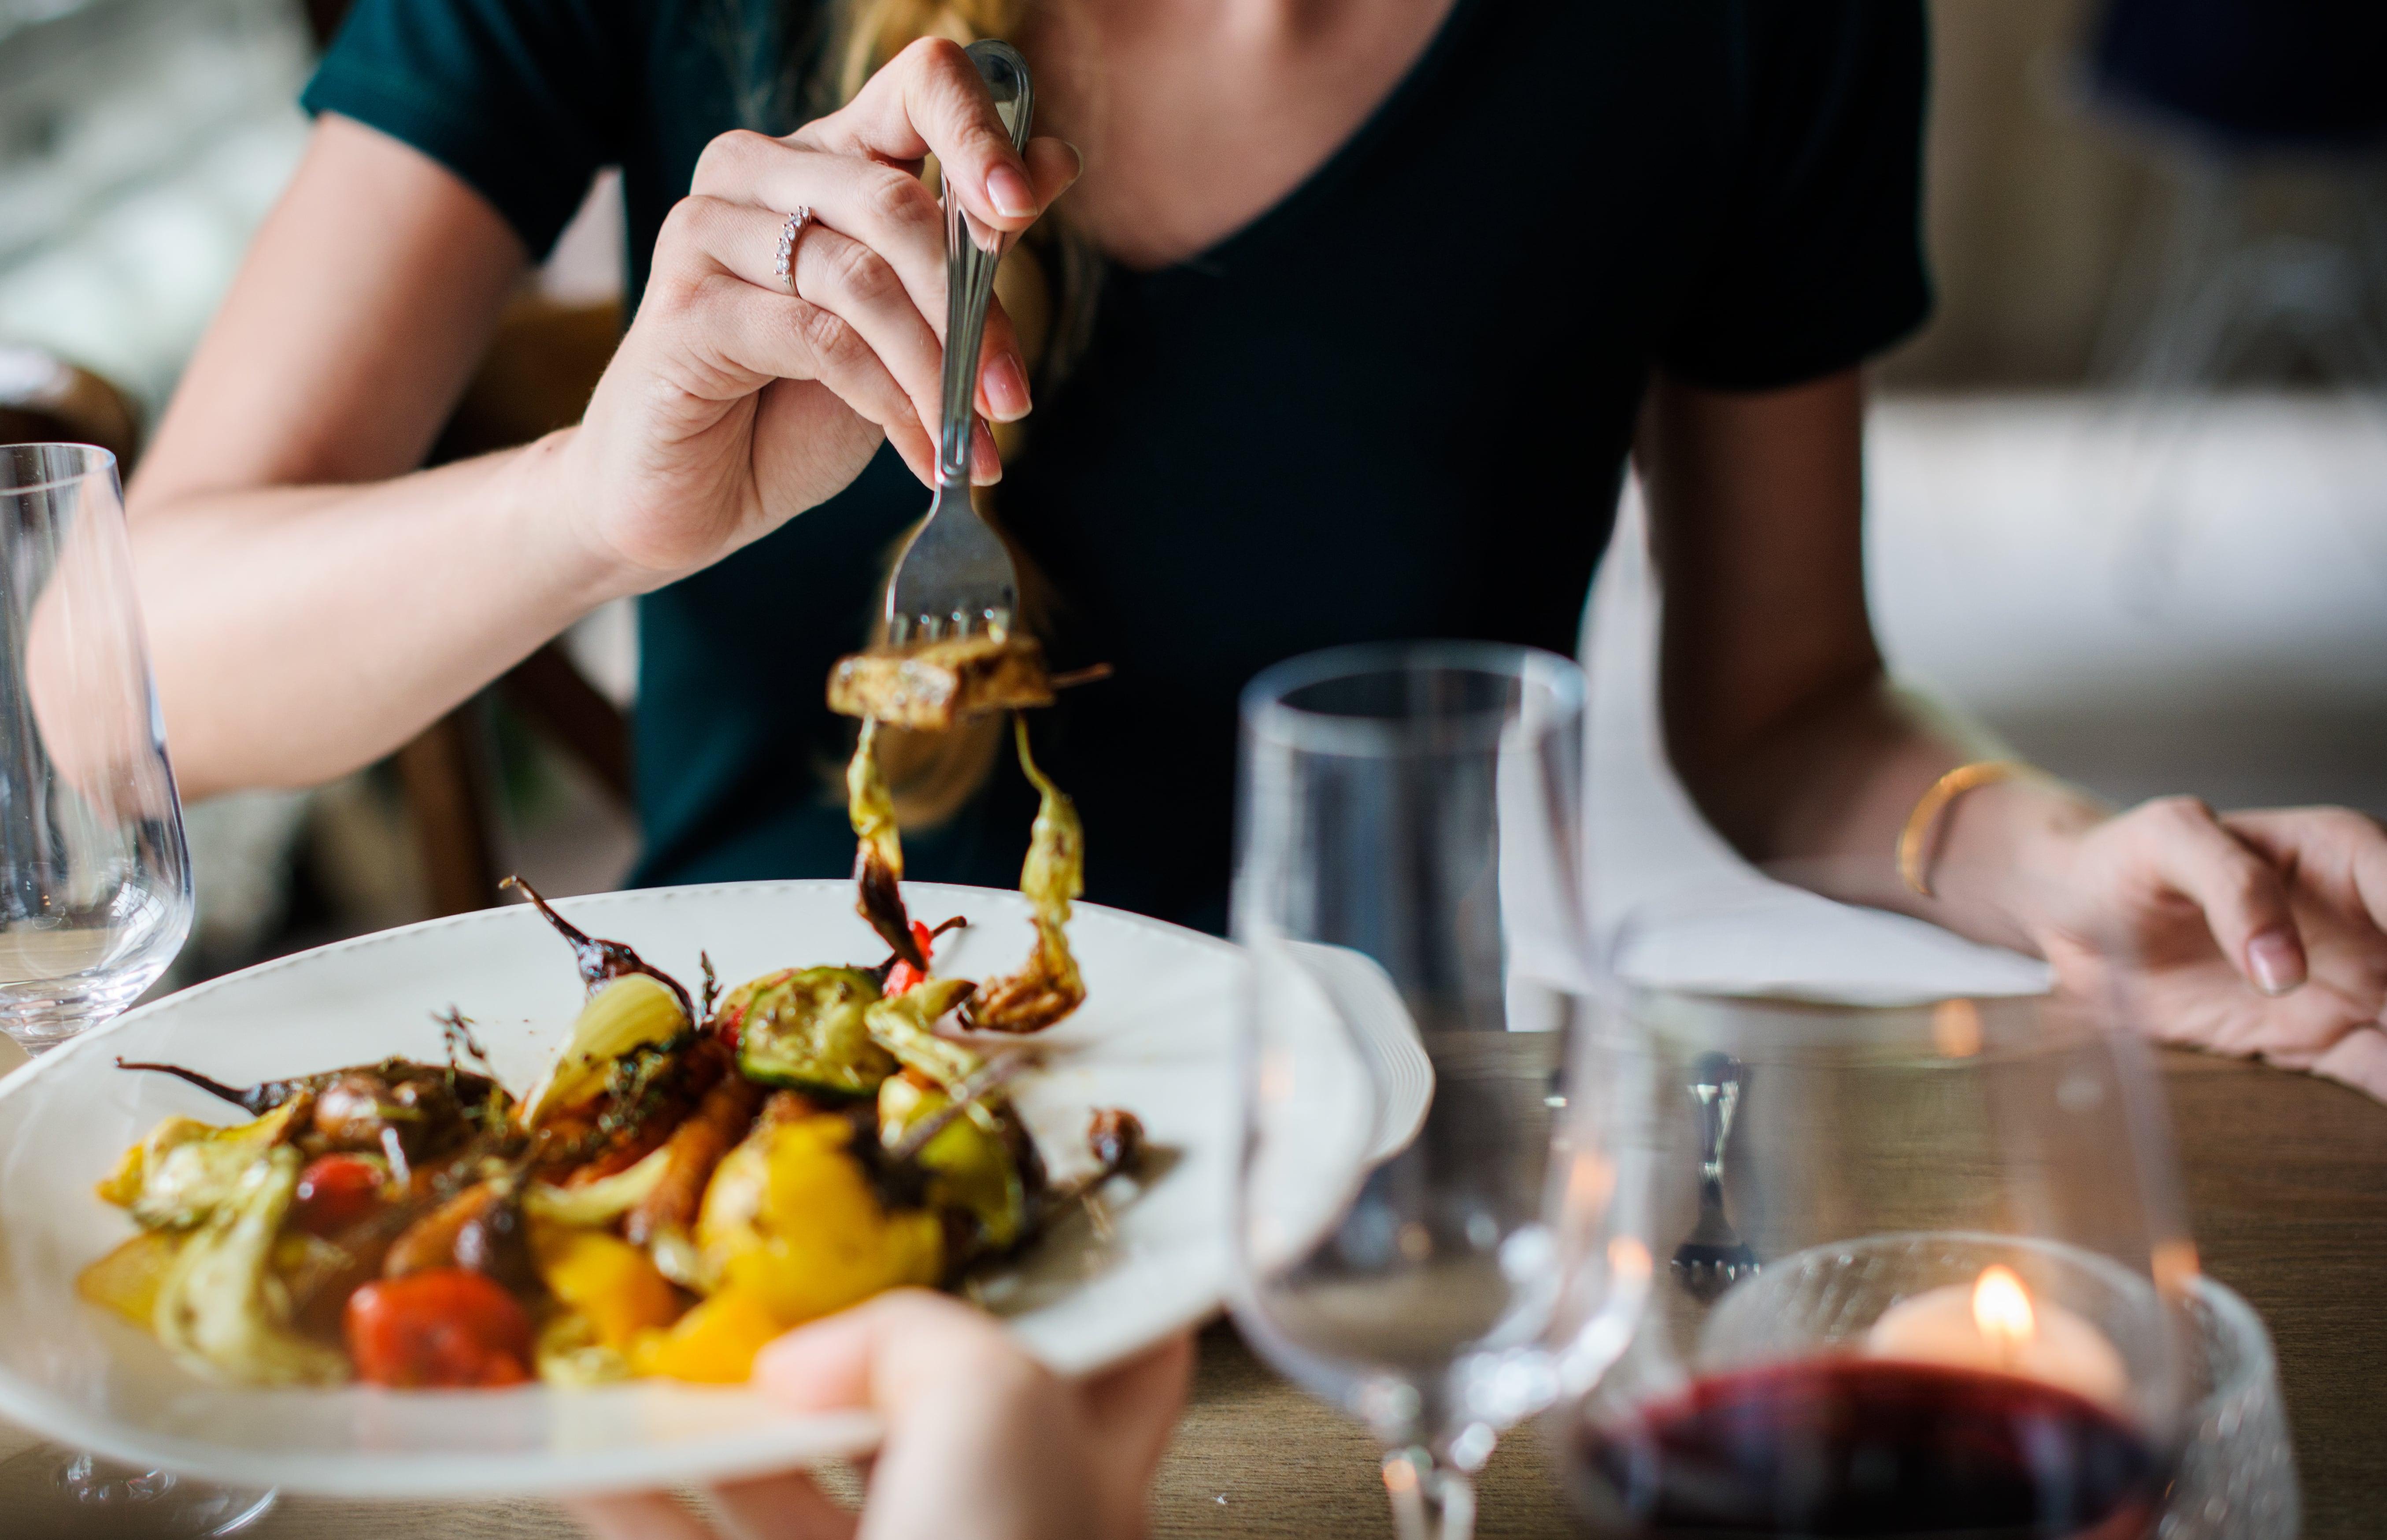 Malattie renali, insufficienza renale e alimentazione: il ruolo delle donne e la dieta quotidiana.